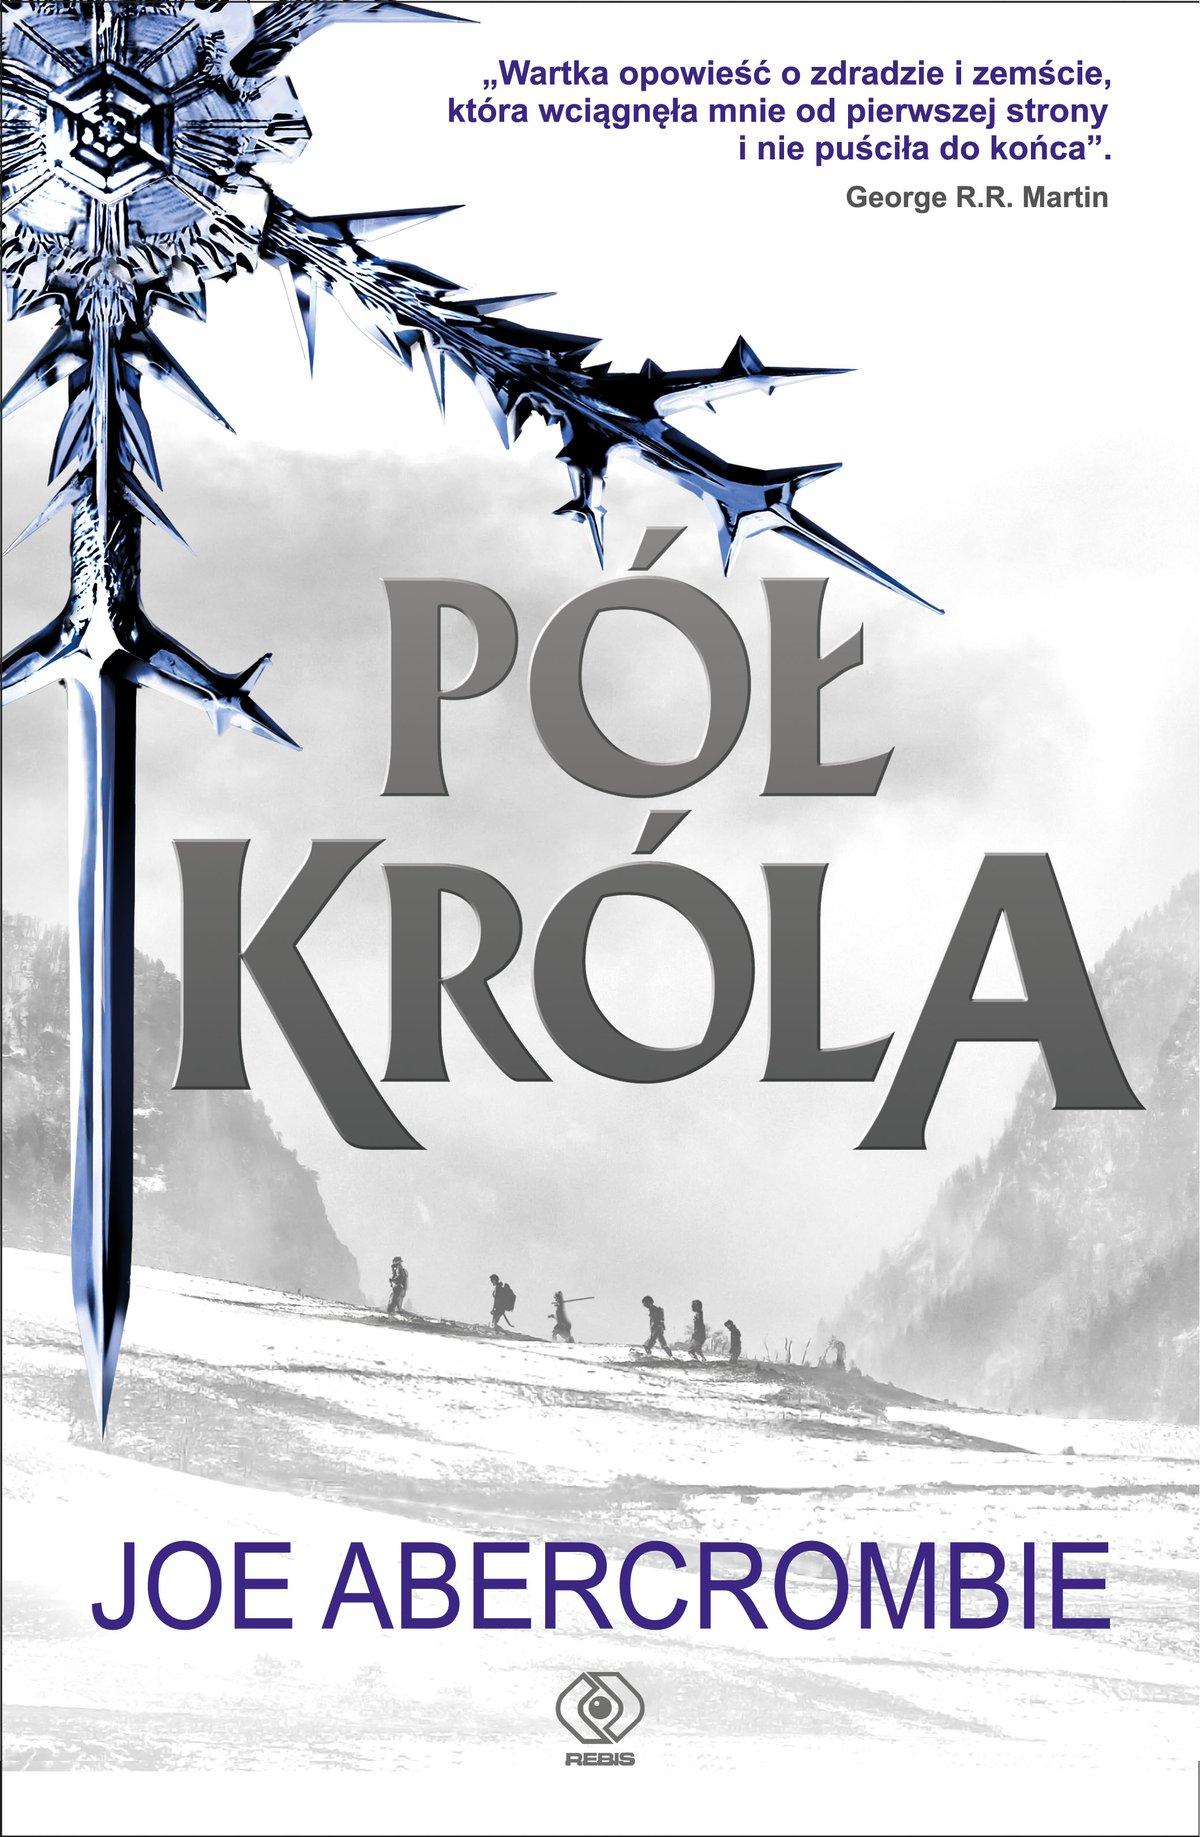 Pół króla - Ebook (Książka EPUB) do pobrania w formacie EPUB